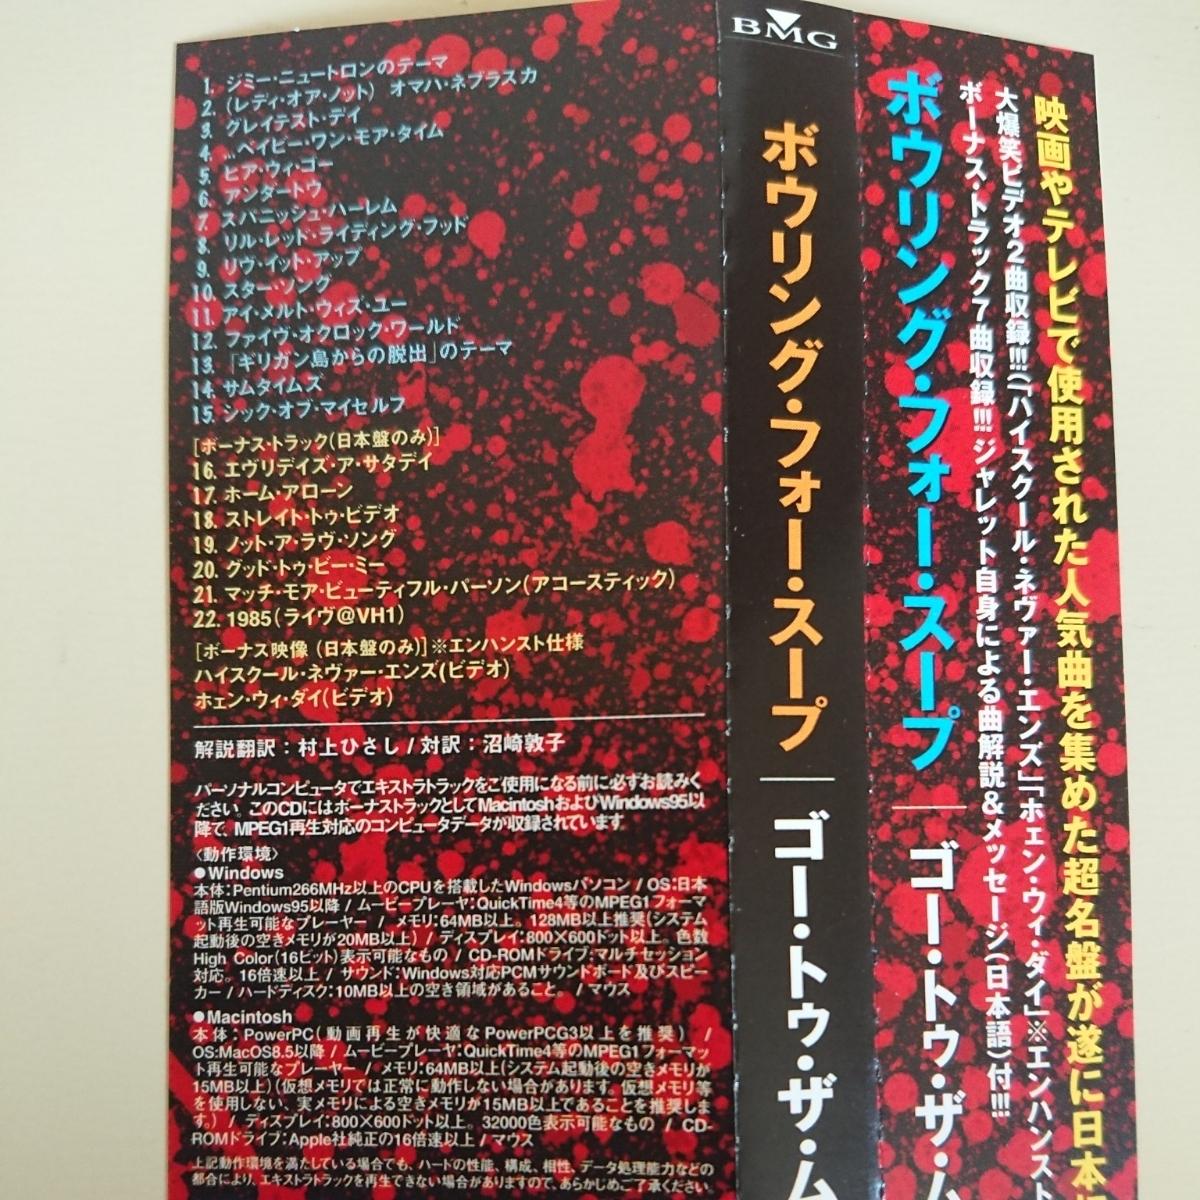 状態良好 CDアルバム「ゴートゥザムービー」ボウリングフォースープ ボーナストラック映像収録 日本盤 解説歌詞対訳_画像4